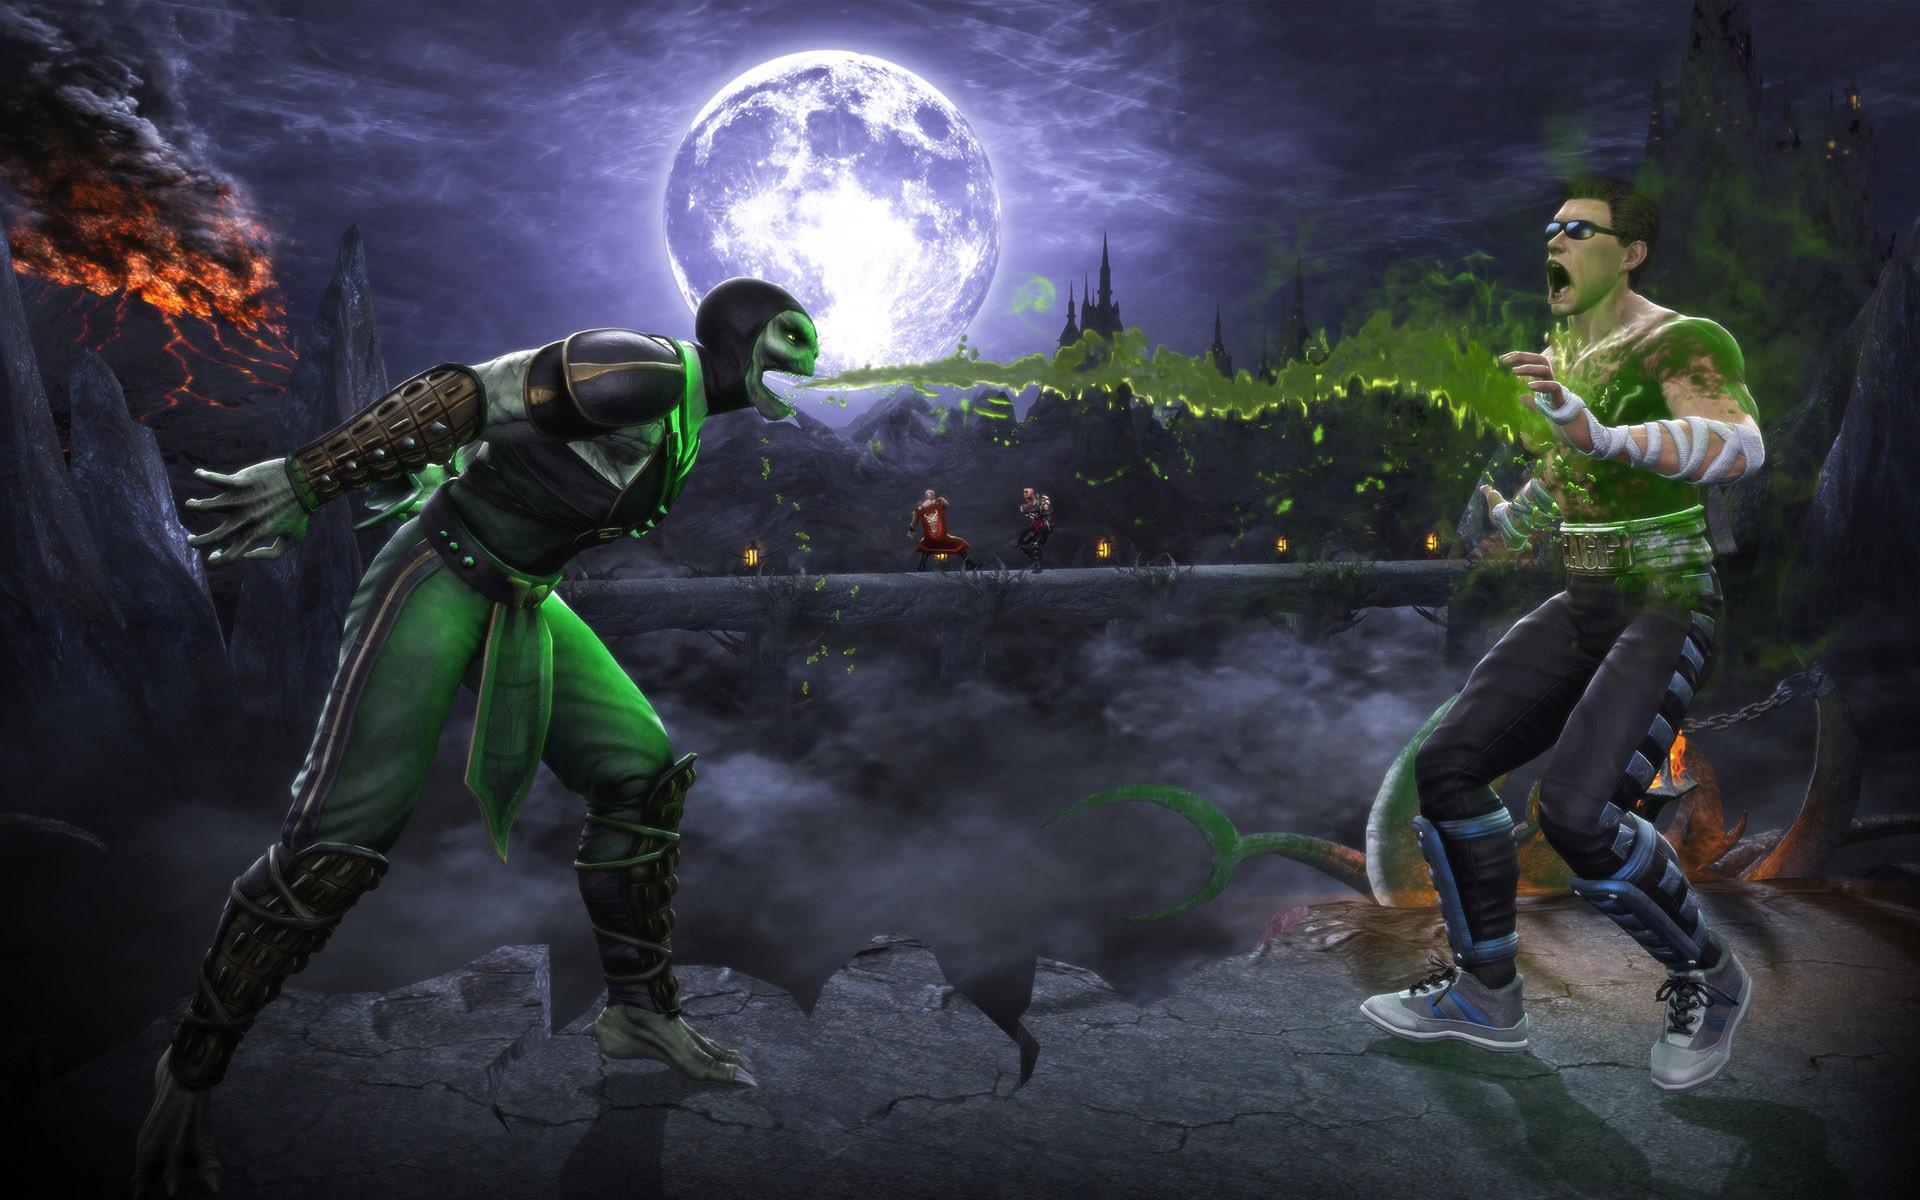 Mortal kombat reptile wallpaper